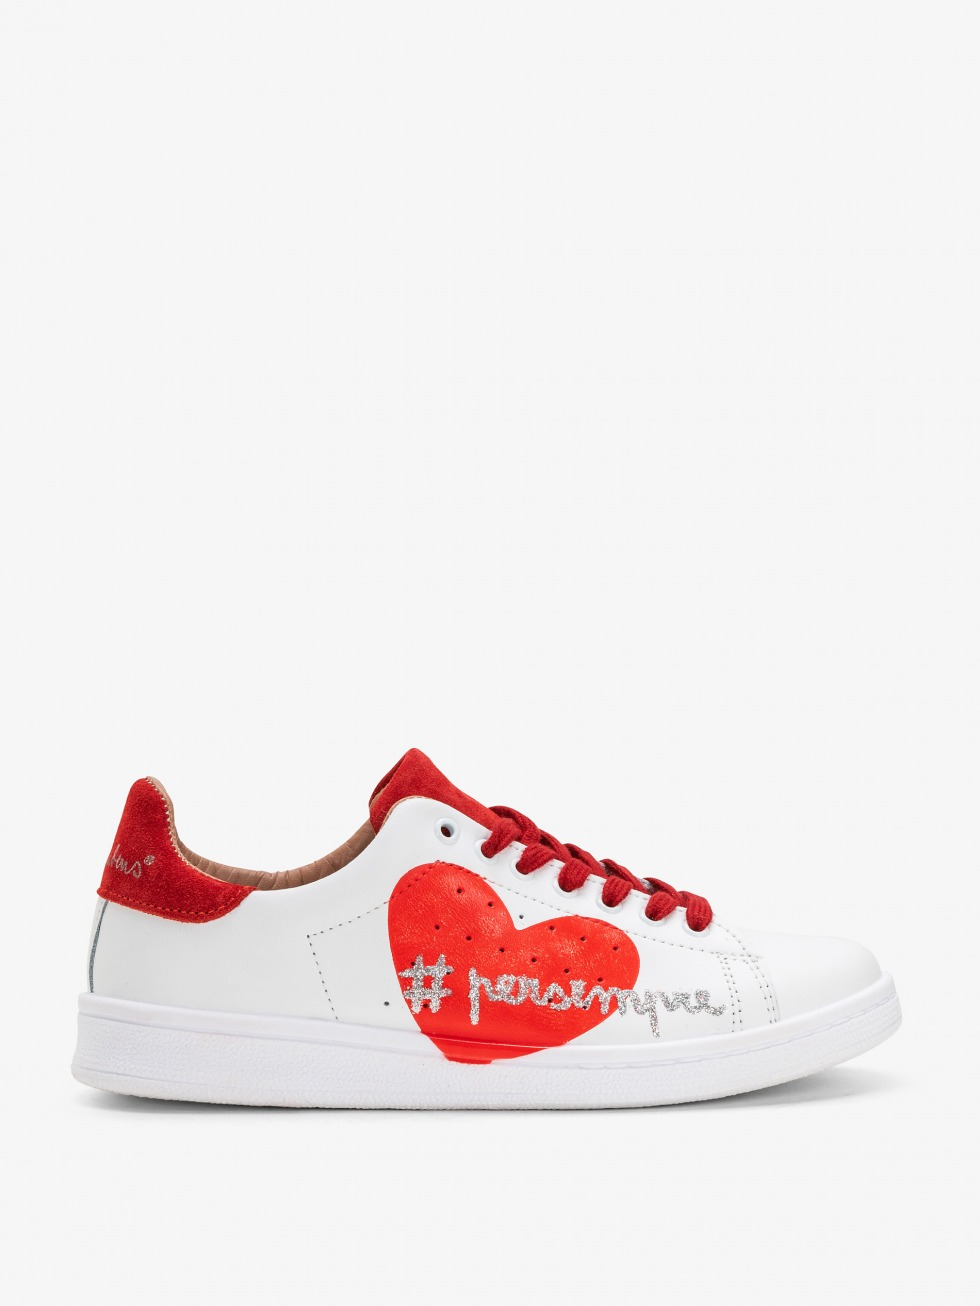 Sneakers con cuore - Modello Daiquiri